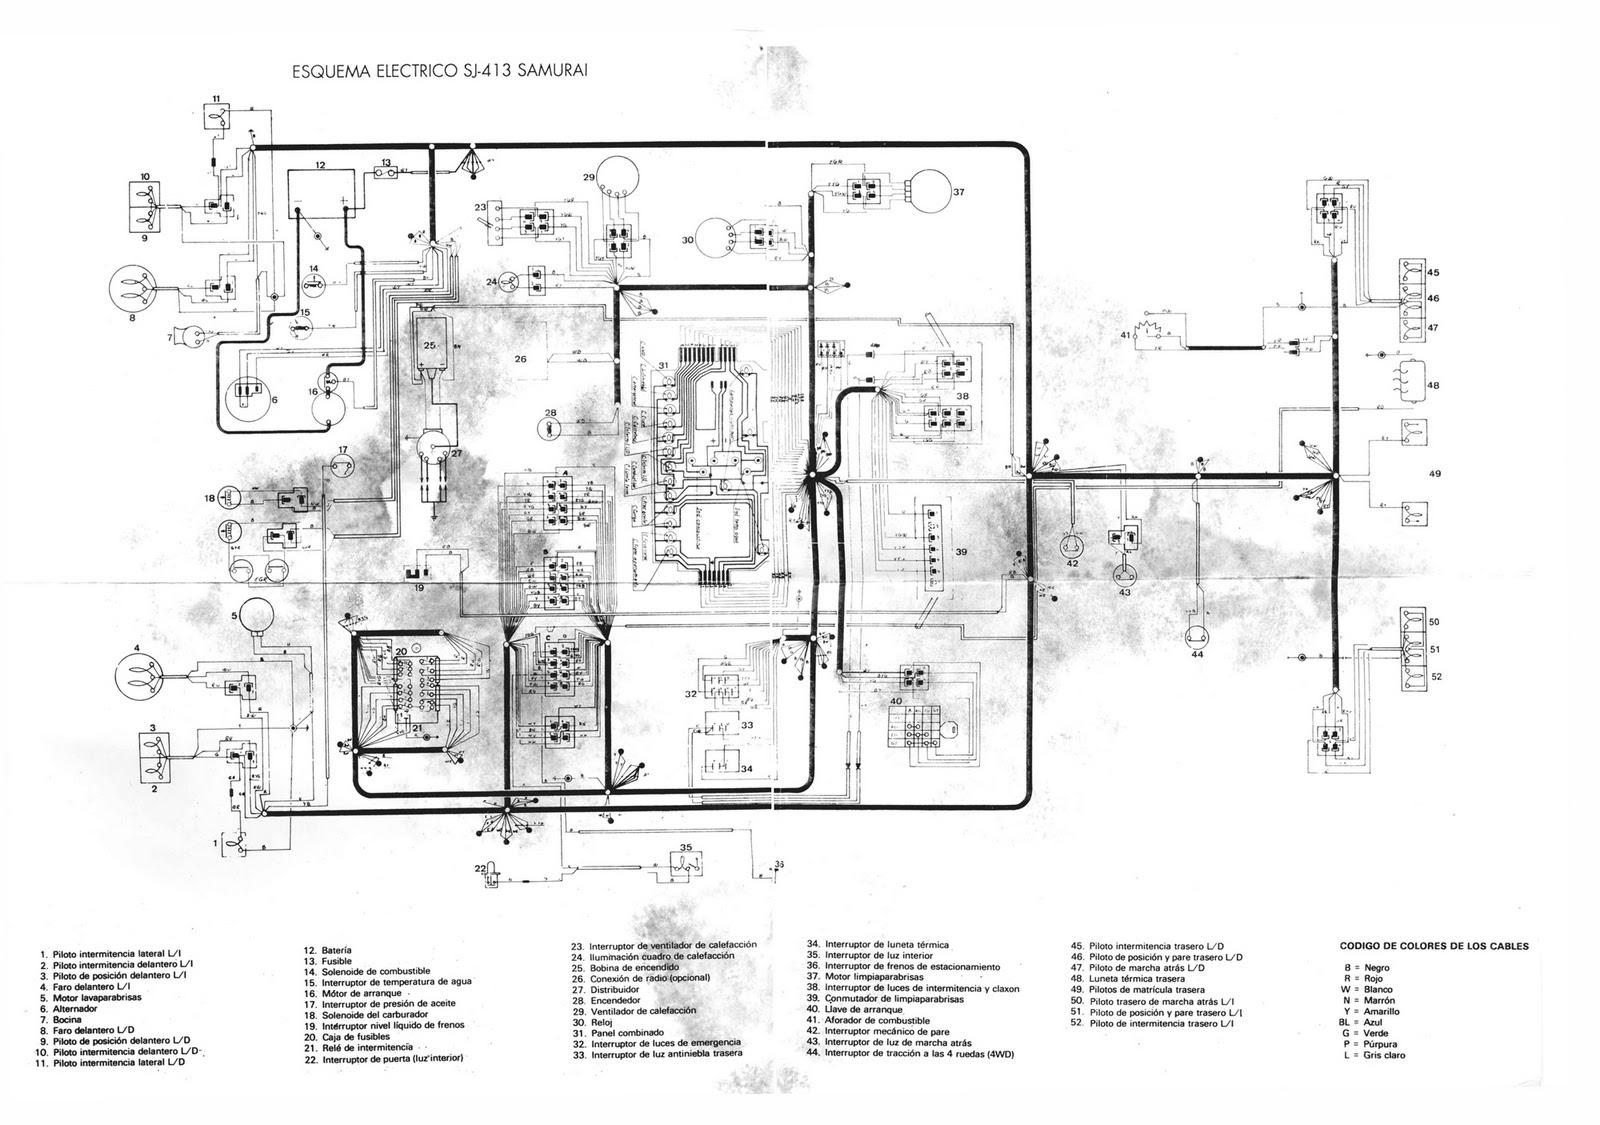 SuzukiJeepinfo: Scheme Electrical